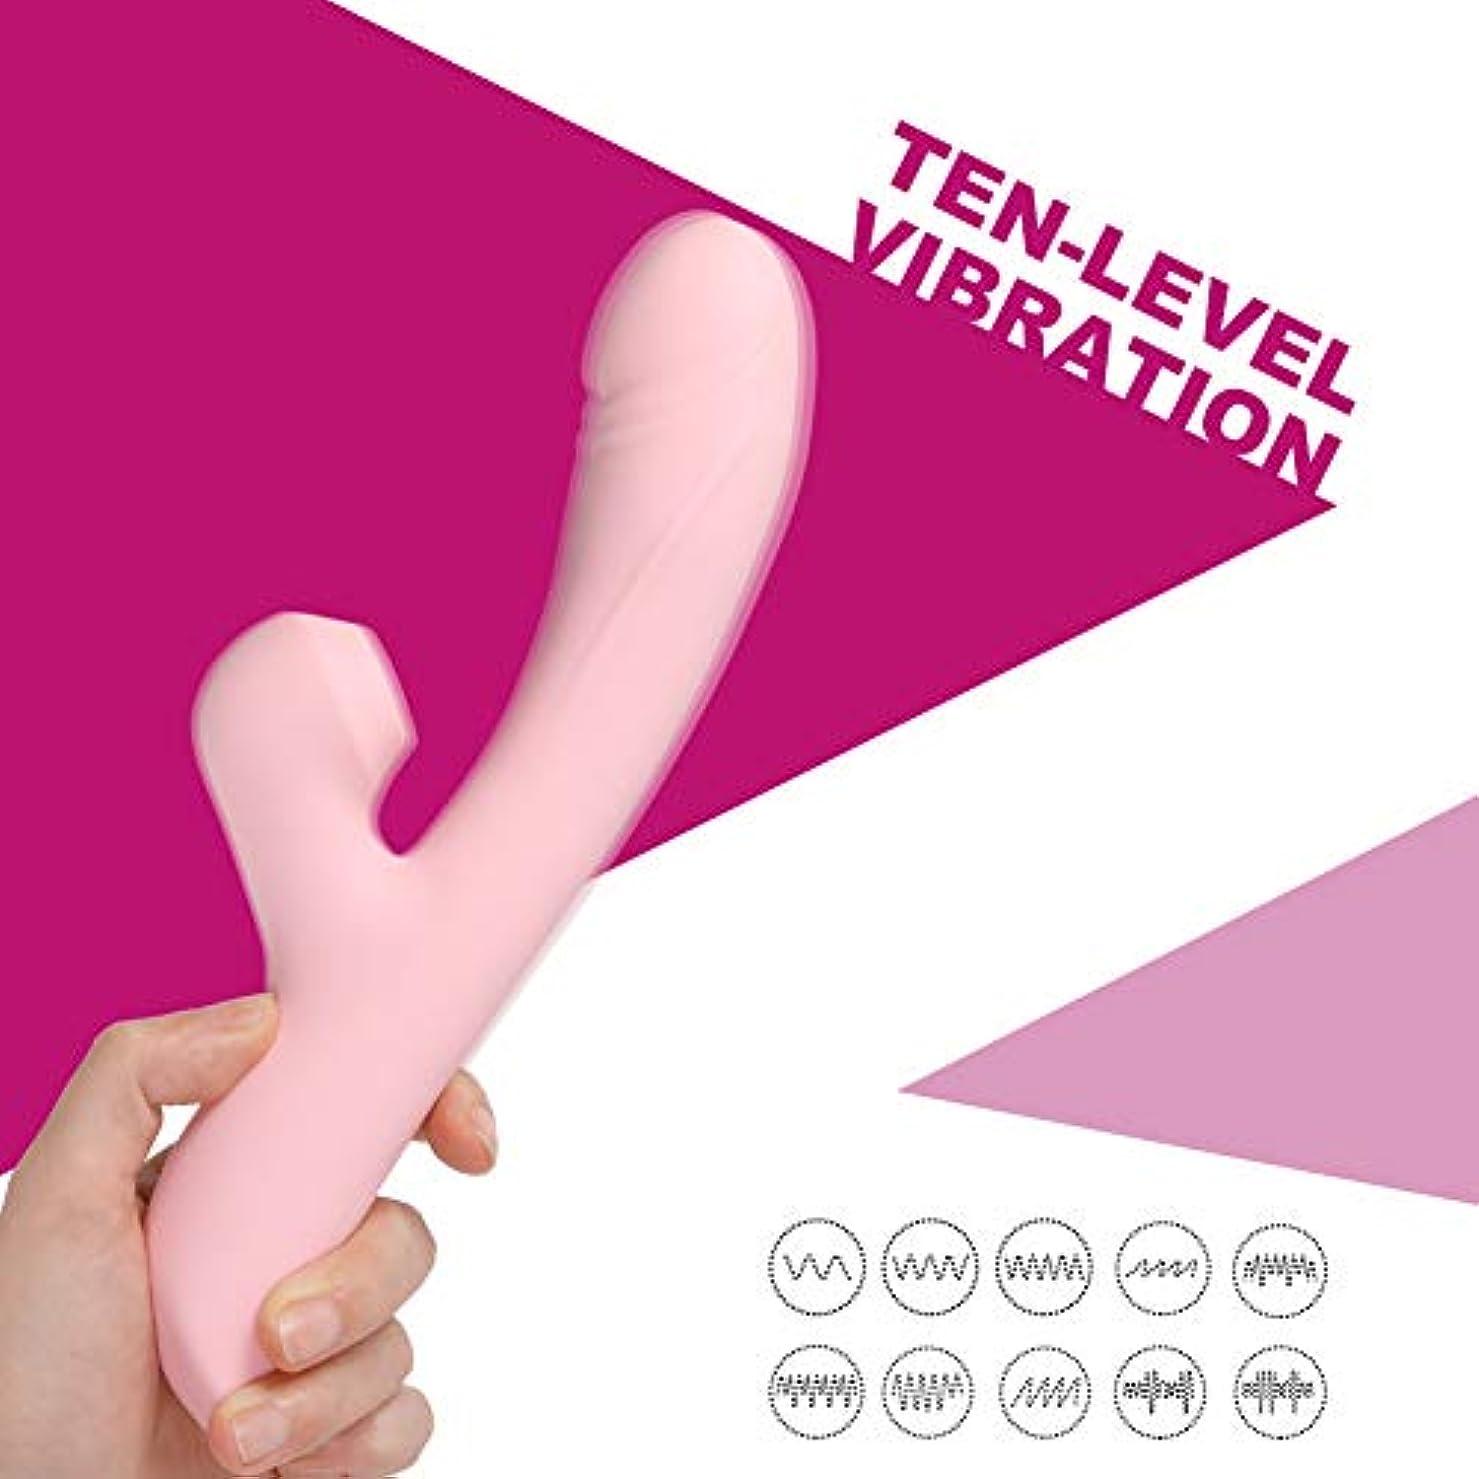 ロゴ火曜日無声でおもちゃ オーガニック オイル 全身 人気 バイブレーター 加熱機能 潮吹き 女性 Gスポット 女性マッサージ器 アダルトグッズ (ピンク色)